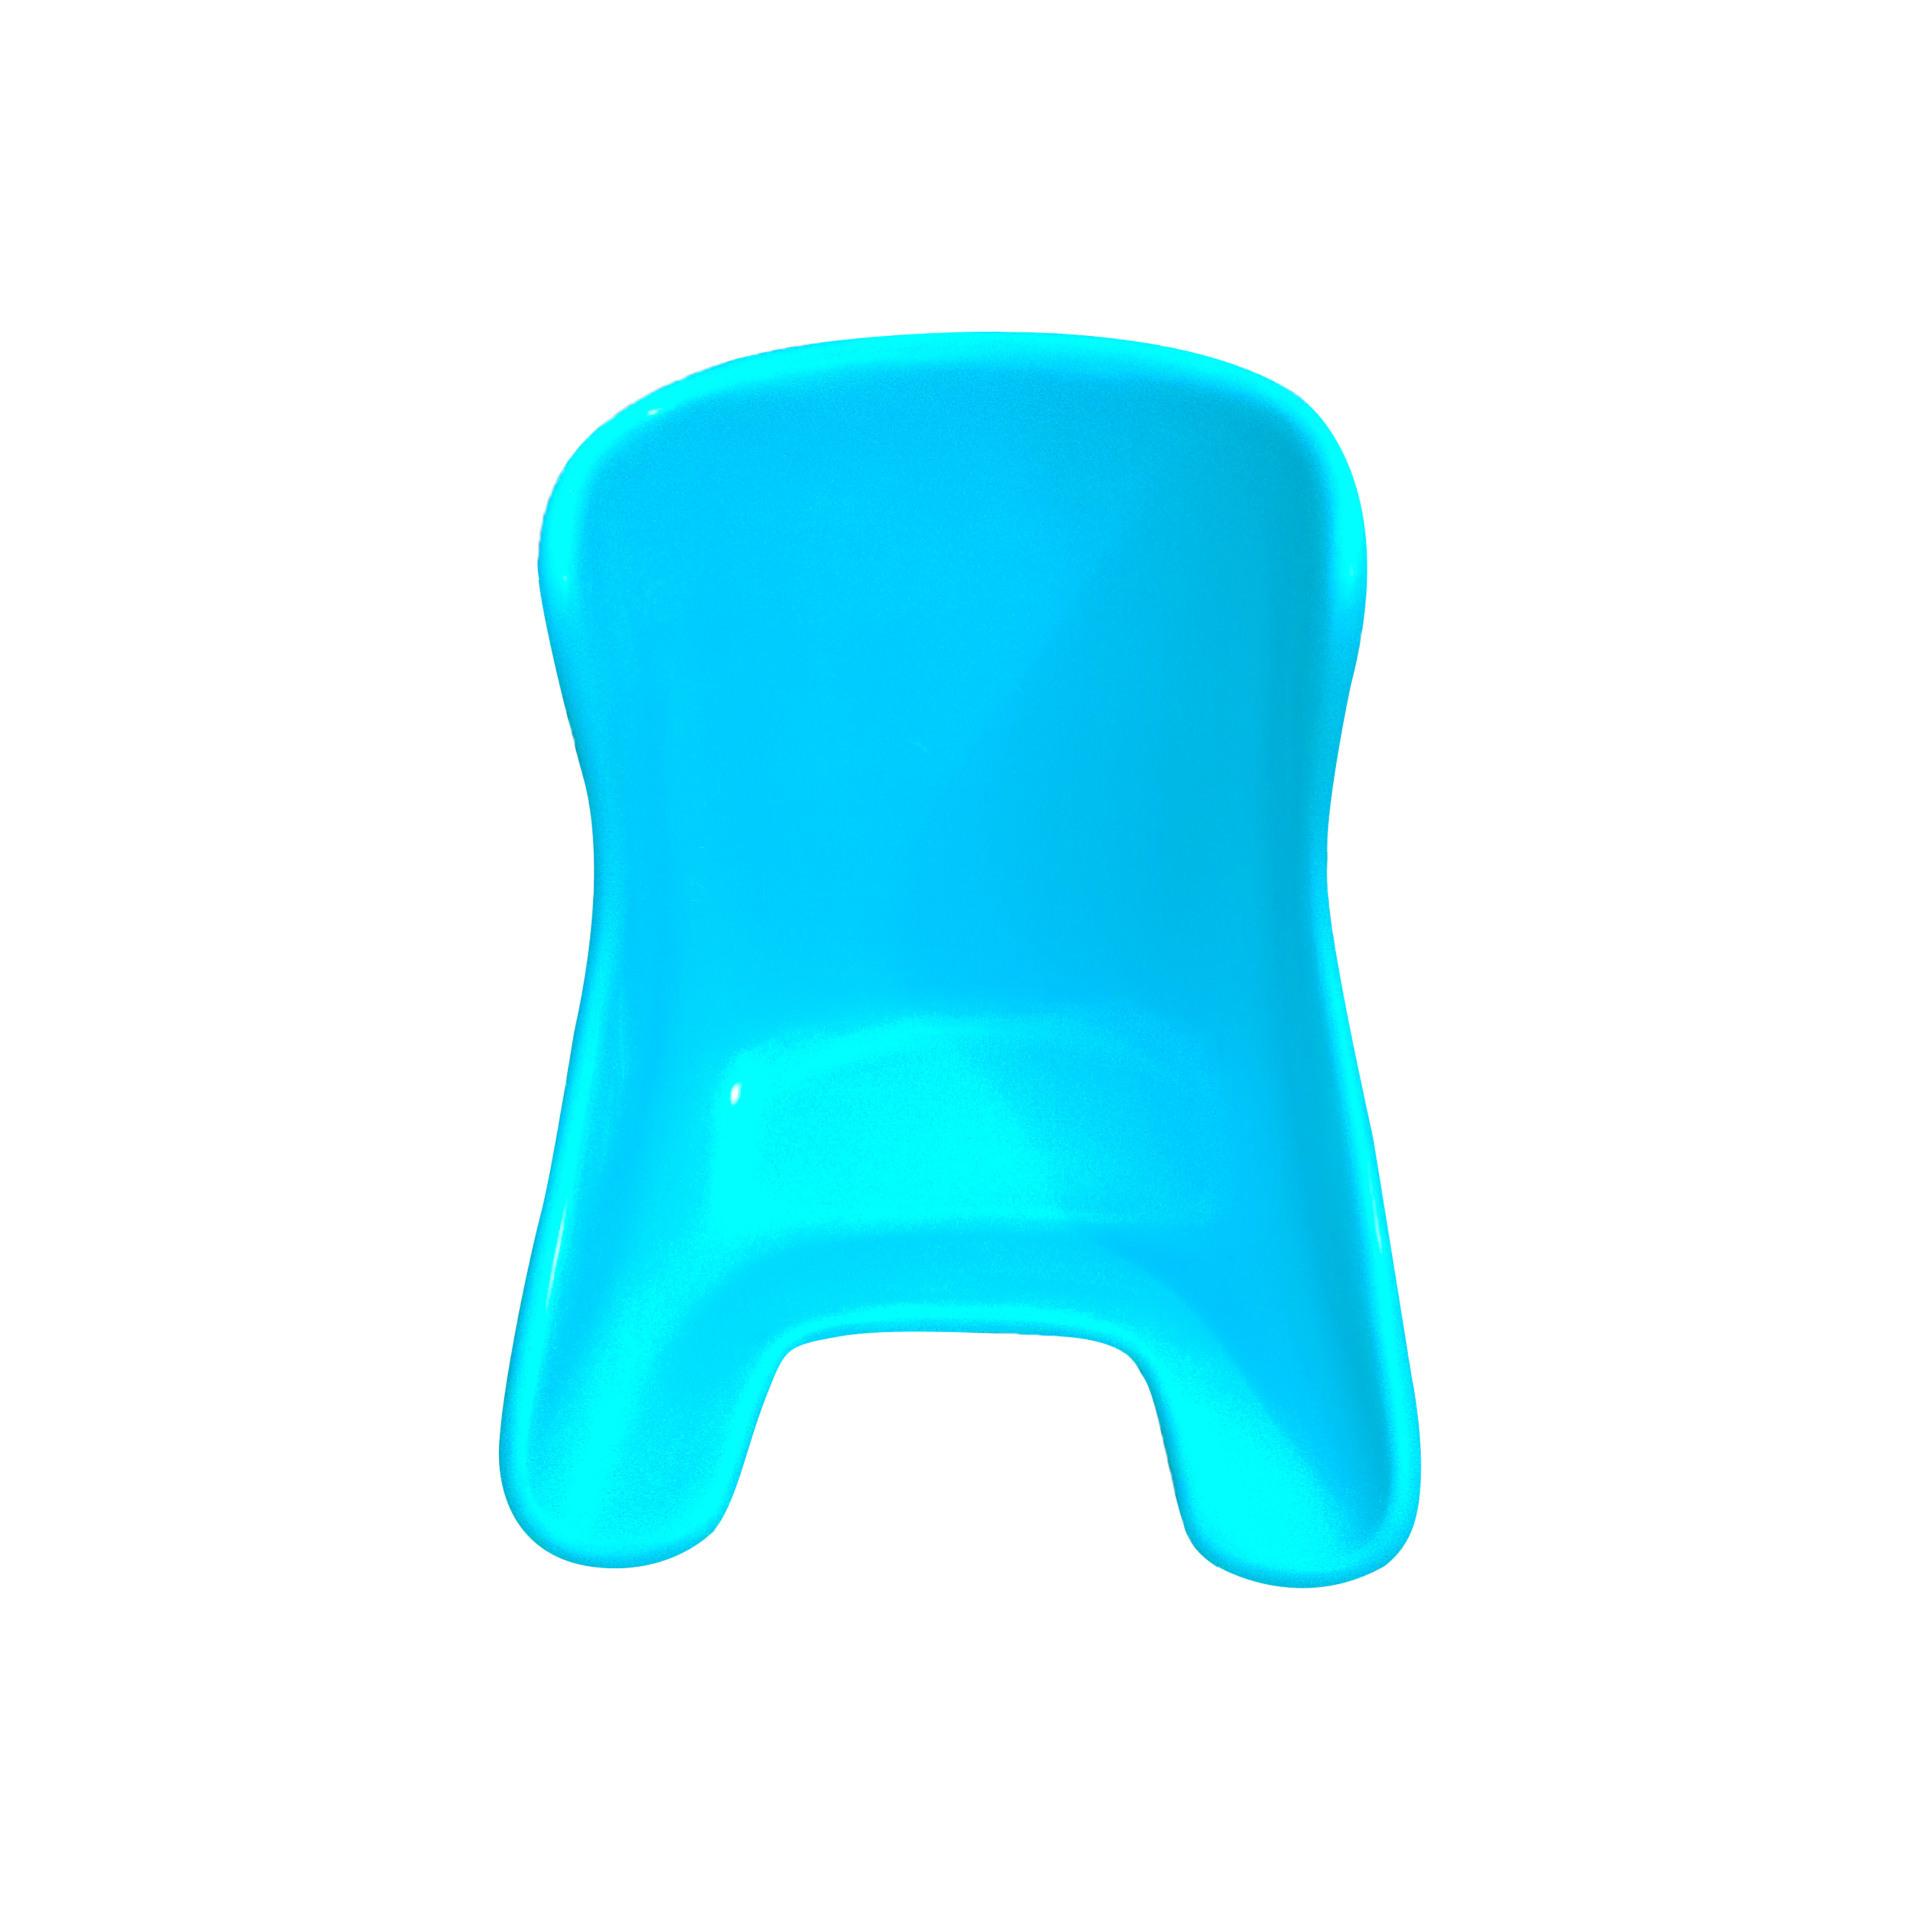 成人儿童卡丁车座椅 玻璃钢卡丁车座椅 玻璃钢赛车座椅示例图7